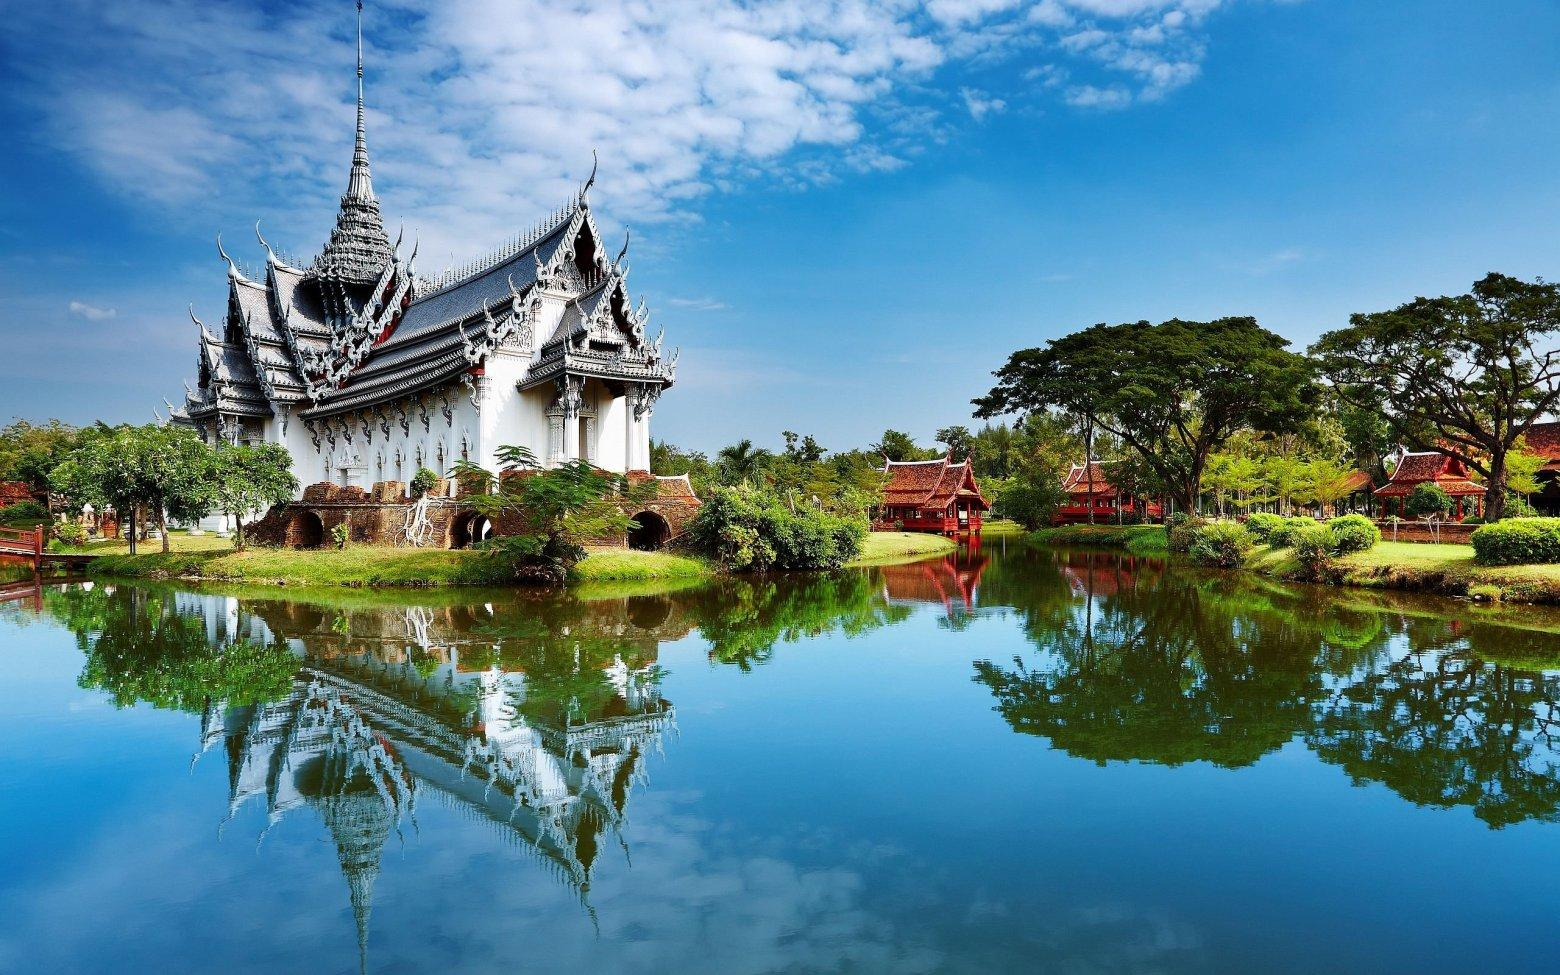 Thajsko - co vzít? Bezpečnostní Cestování